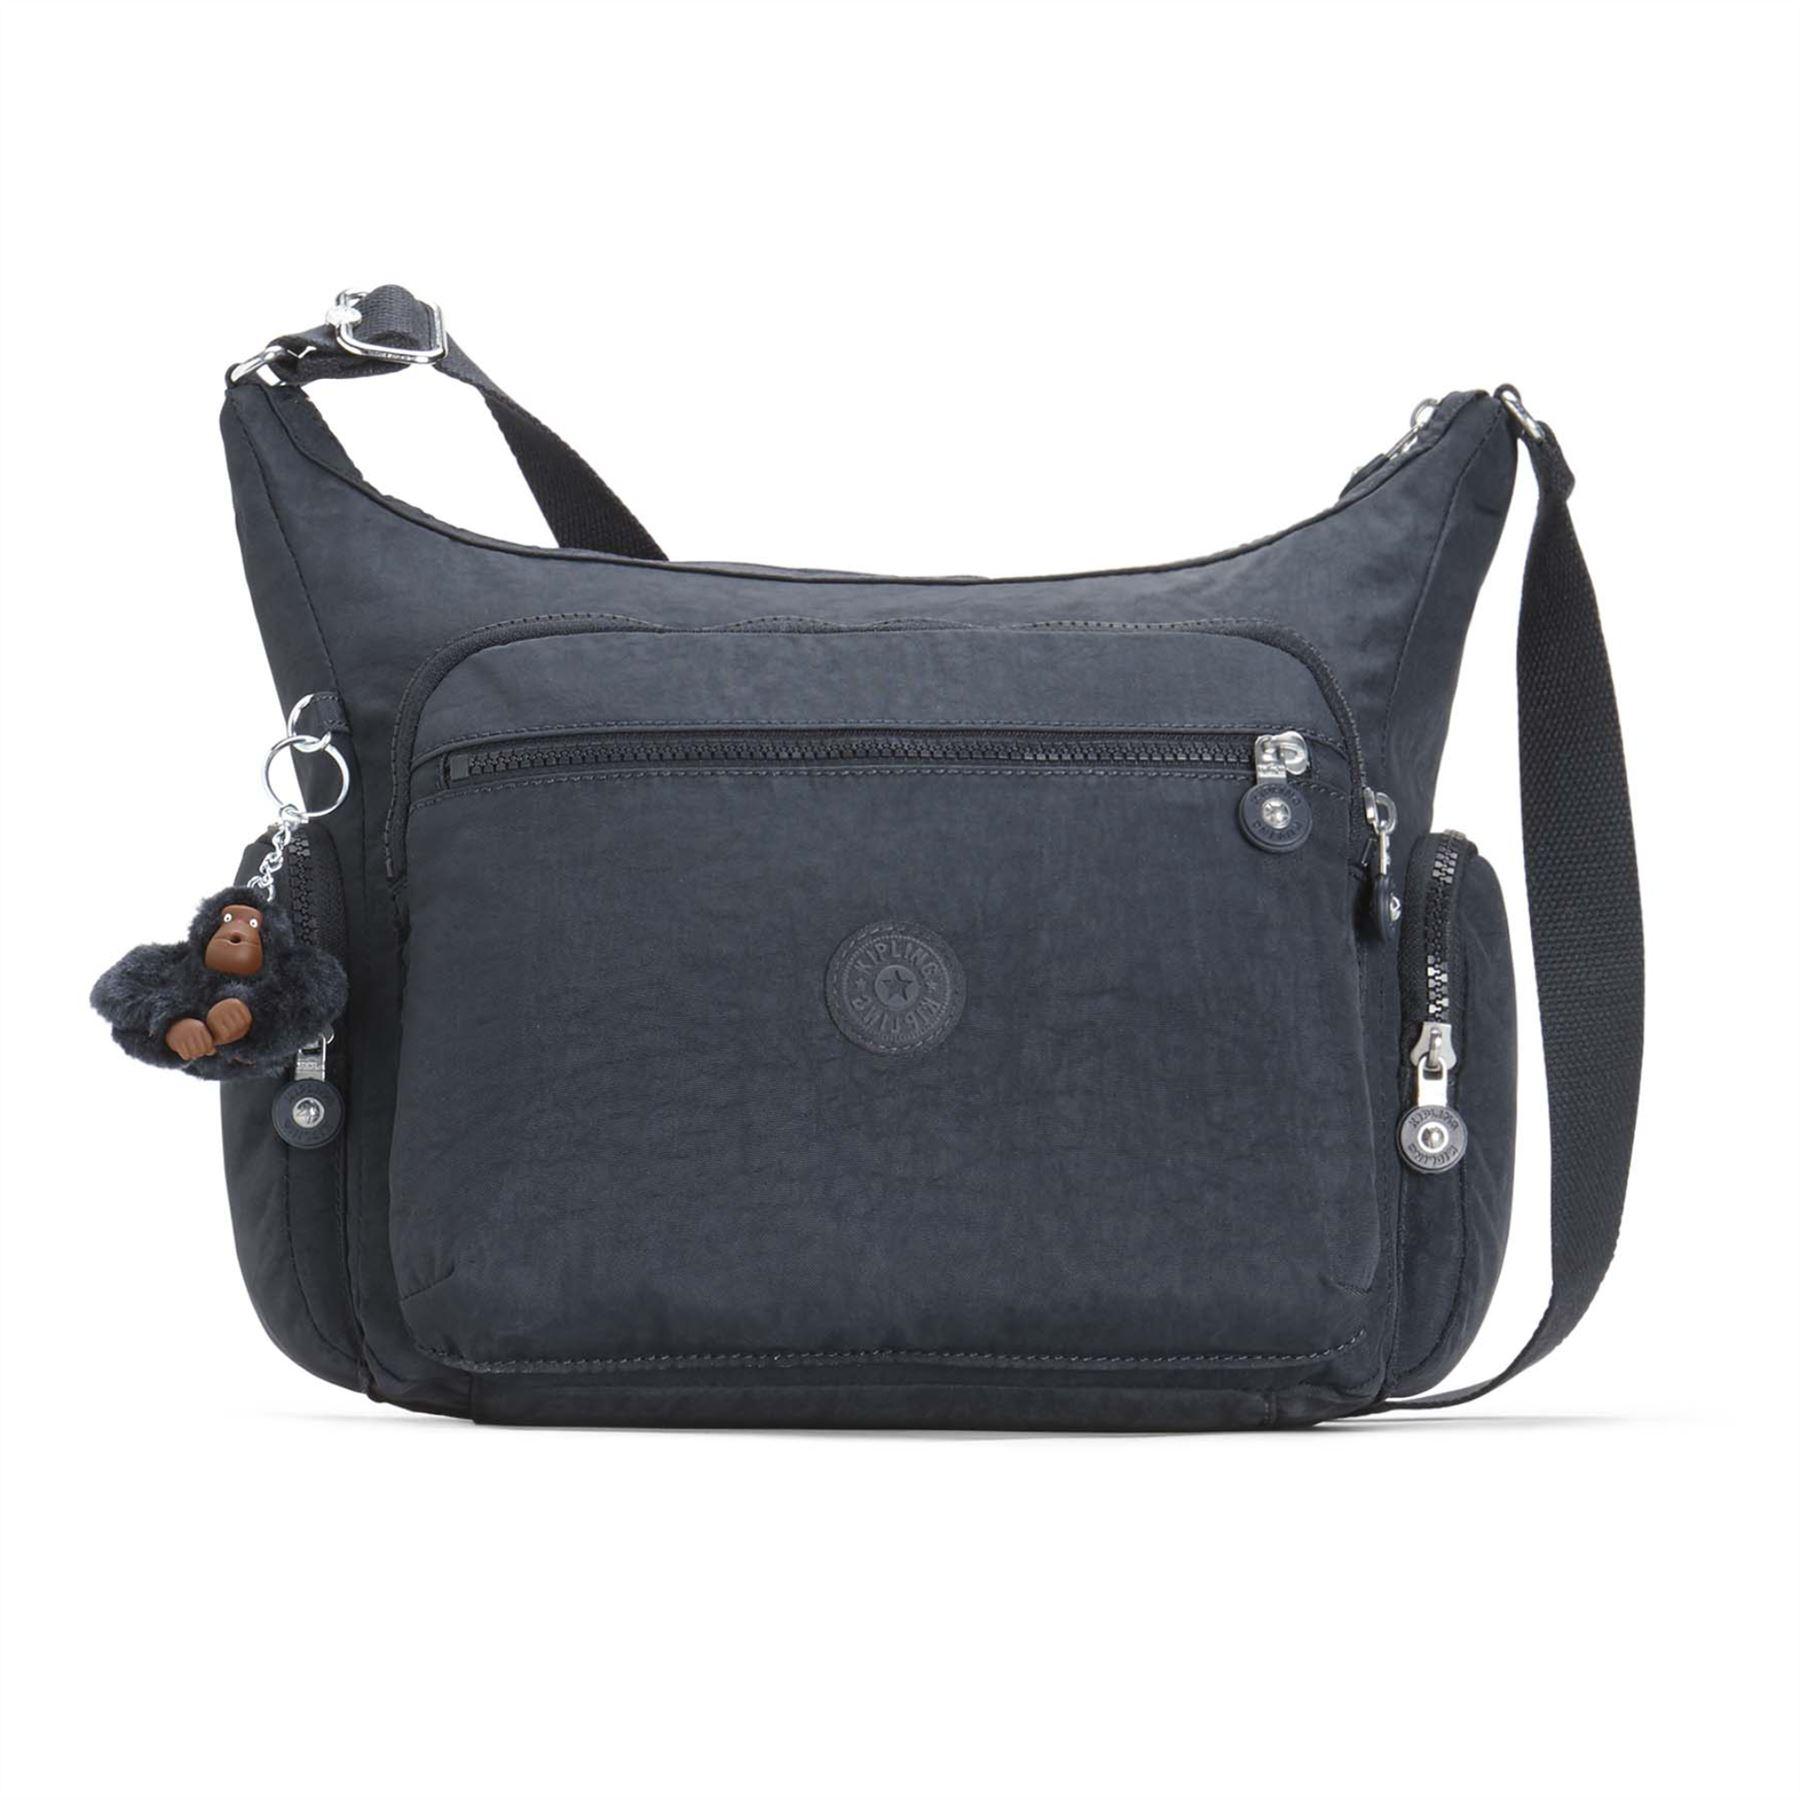 77c2a92363 Ladies Shoulder Bag Kipling GABBIE K15255 True Navy H66 for sale ...